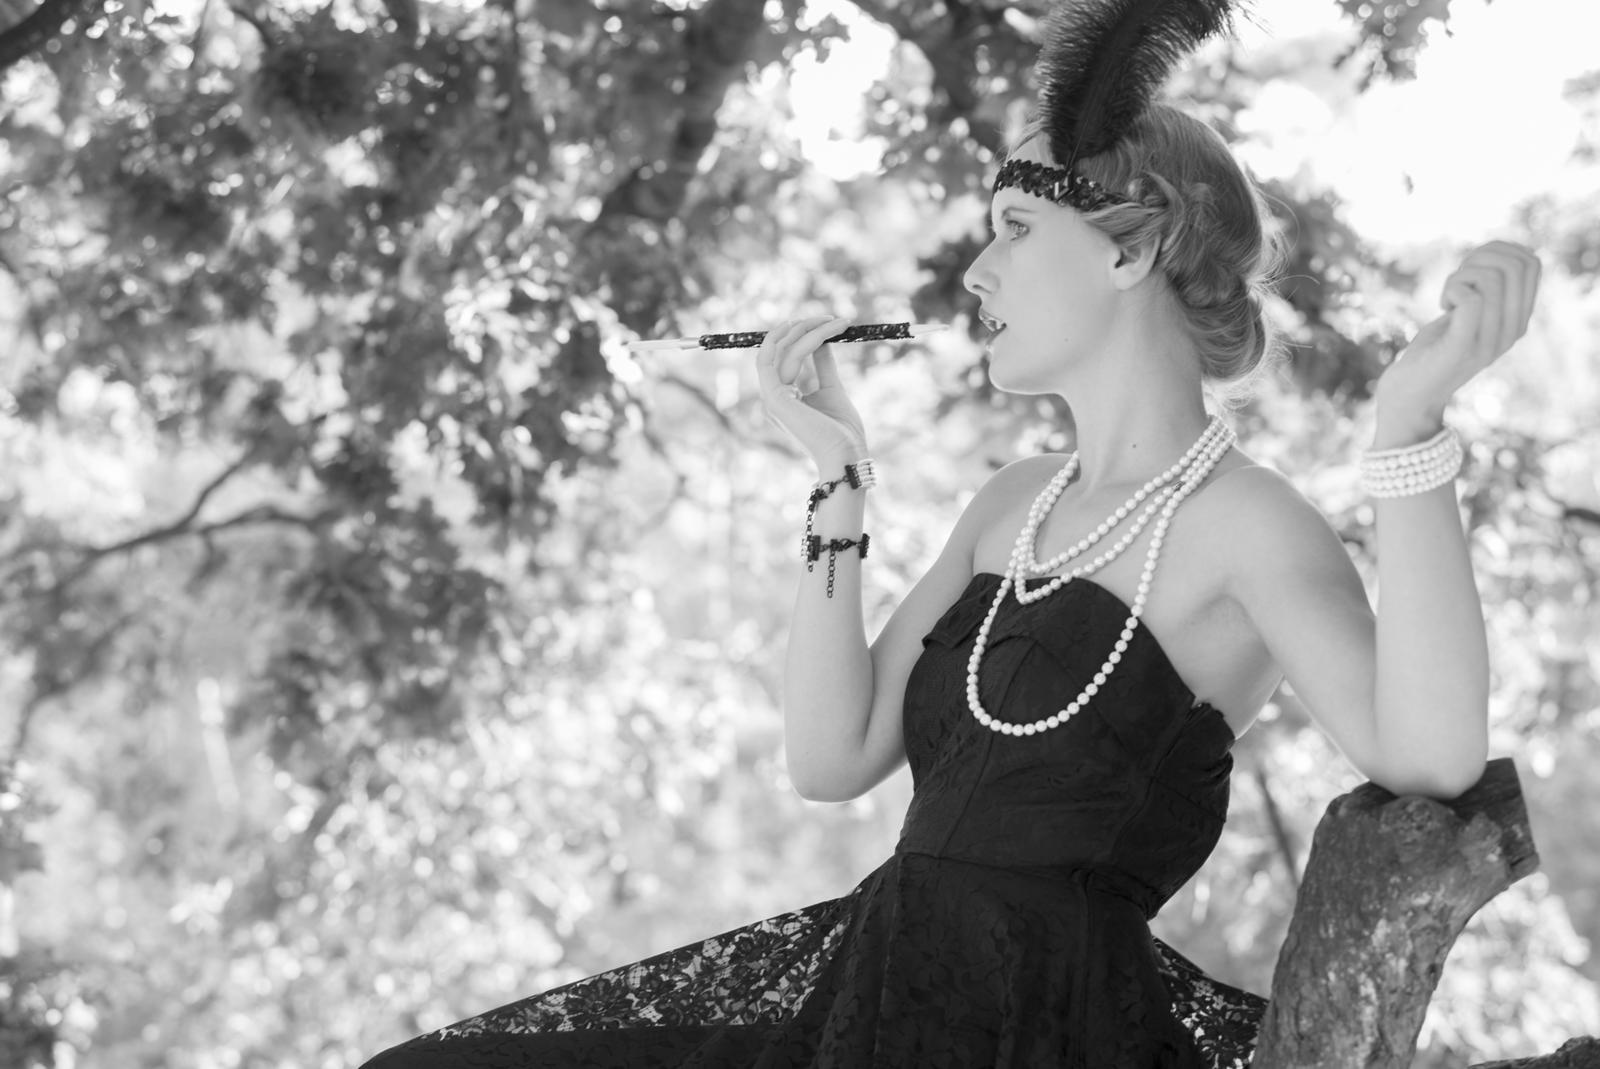 Foto van een vrouw met sigaret in jaren 30 stijl